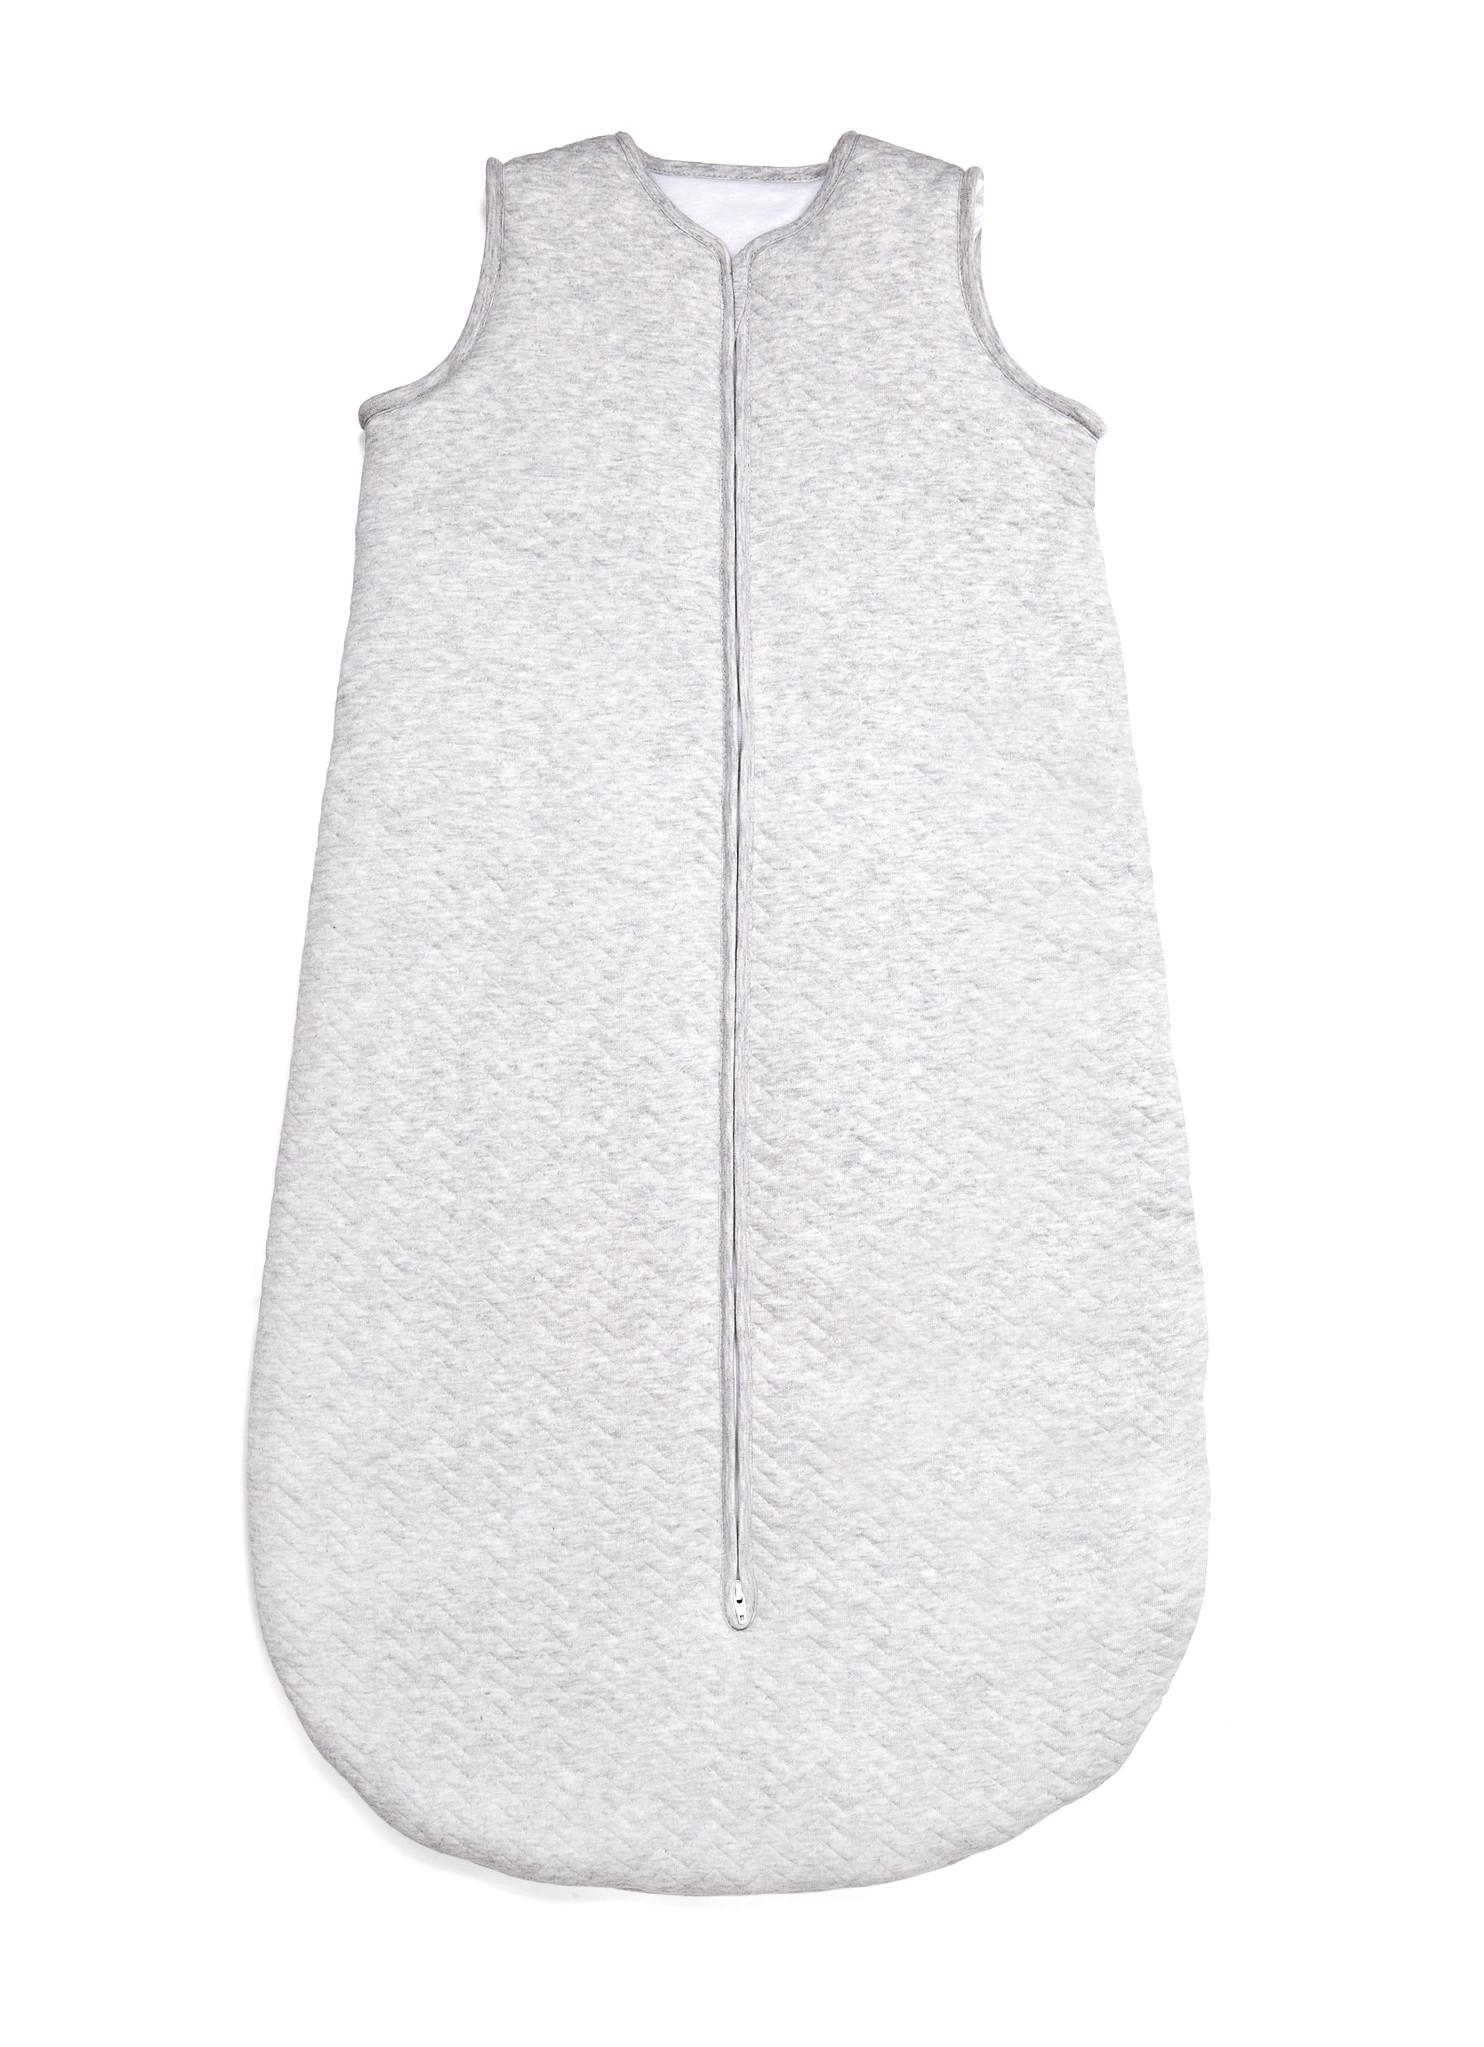 Sac de couchage en jersey 90cm Été Chevron Light Grey Melange-1